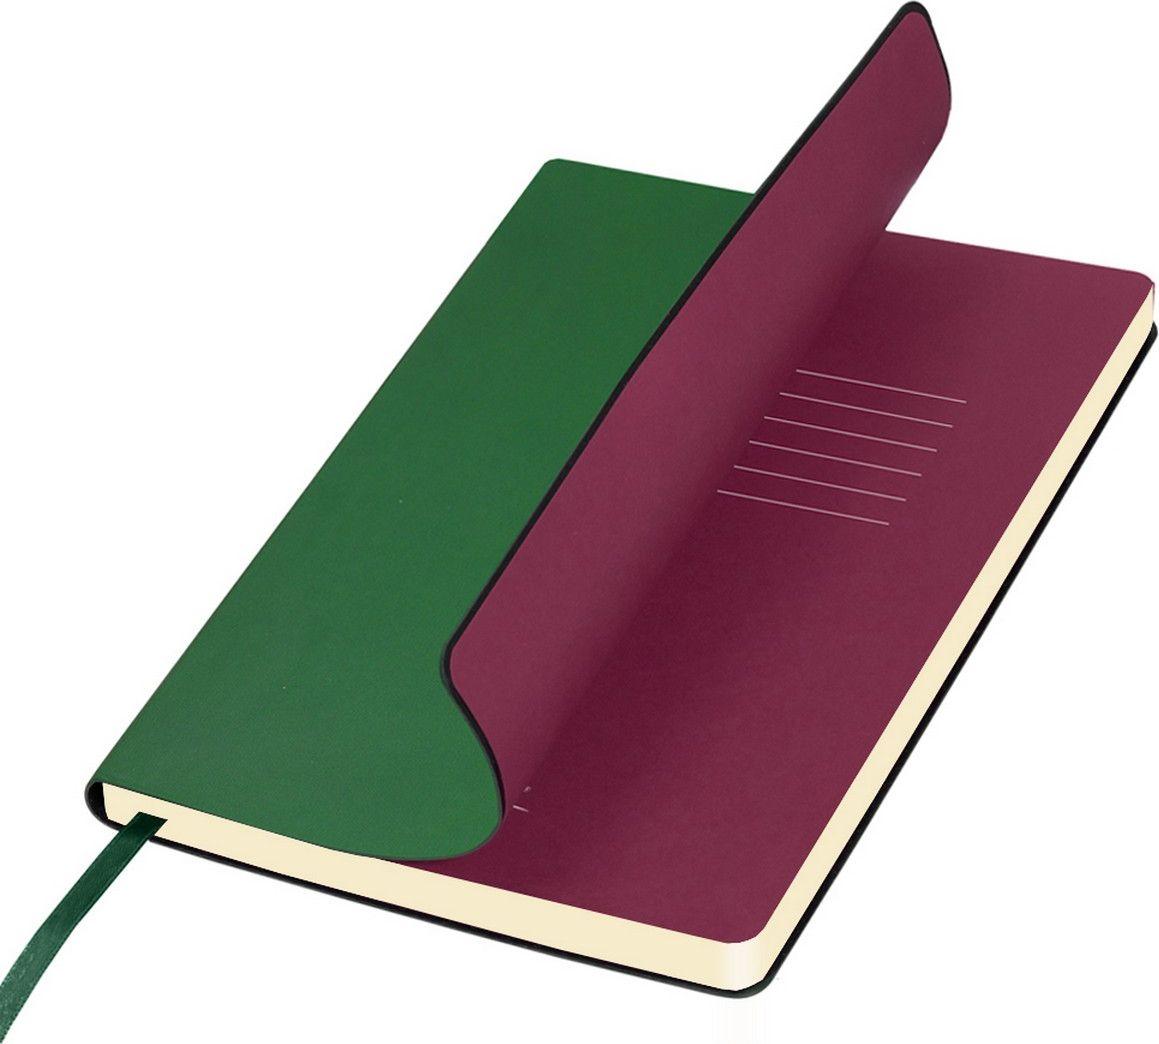 Portobello Trend Ежедневник недатированный Sky 128 листов цвет зеленыйLXX1401141-040/1Мягкая обложка выполнена из материала «вельвет» с чуть заметно проступающей фактурой нубука.На ощупь гладкая. Форзацы – цветные. Цвета-компаньоны форзацев и срезов подобраны идеально, что предполагает гармоничное визуальное восприятие. Срез ежедневника не окрашен.